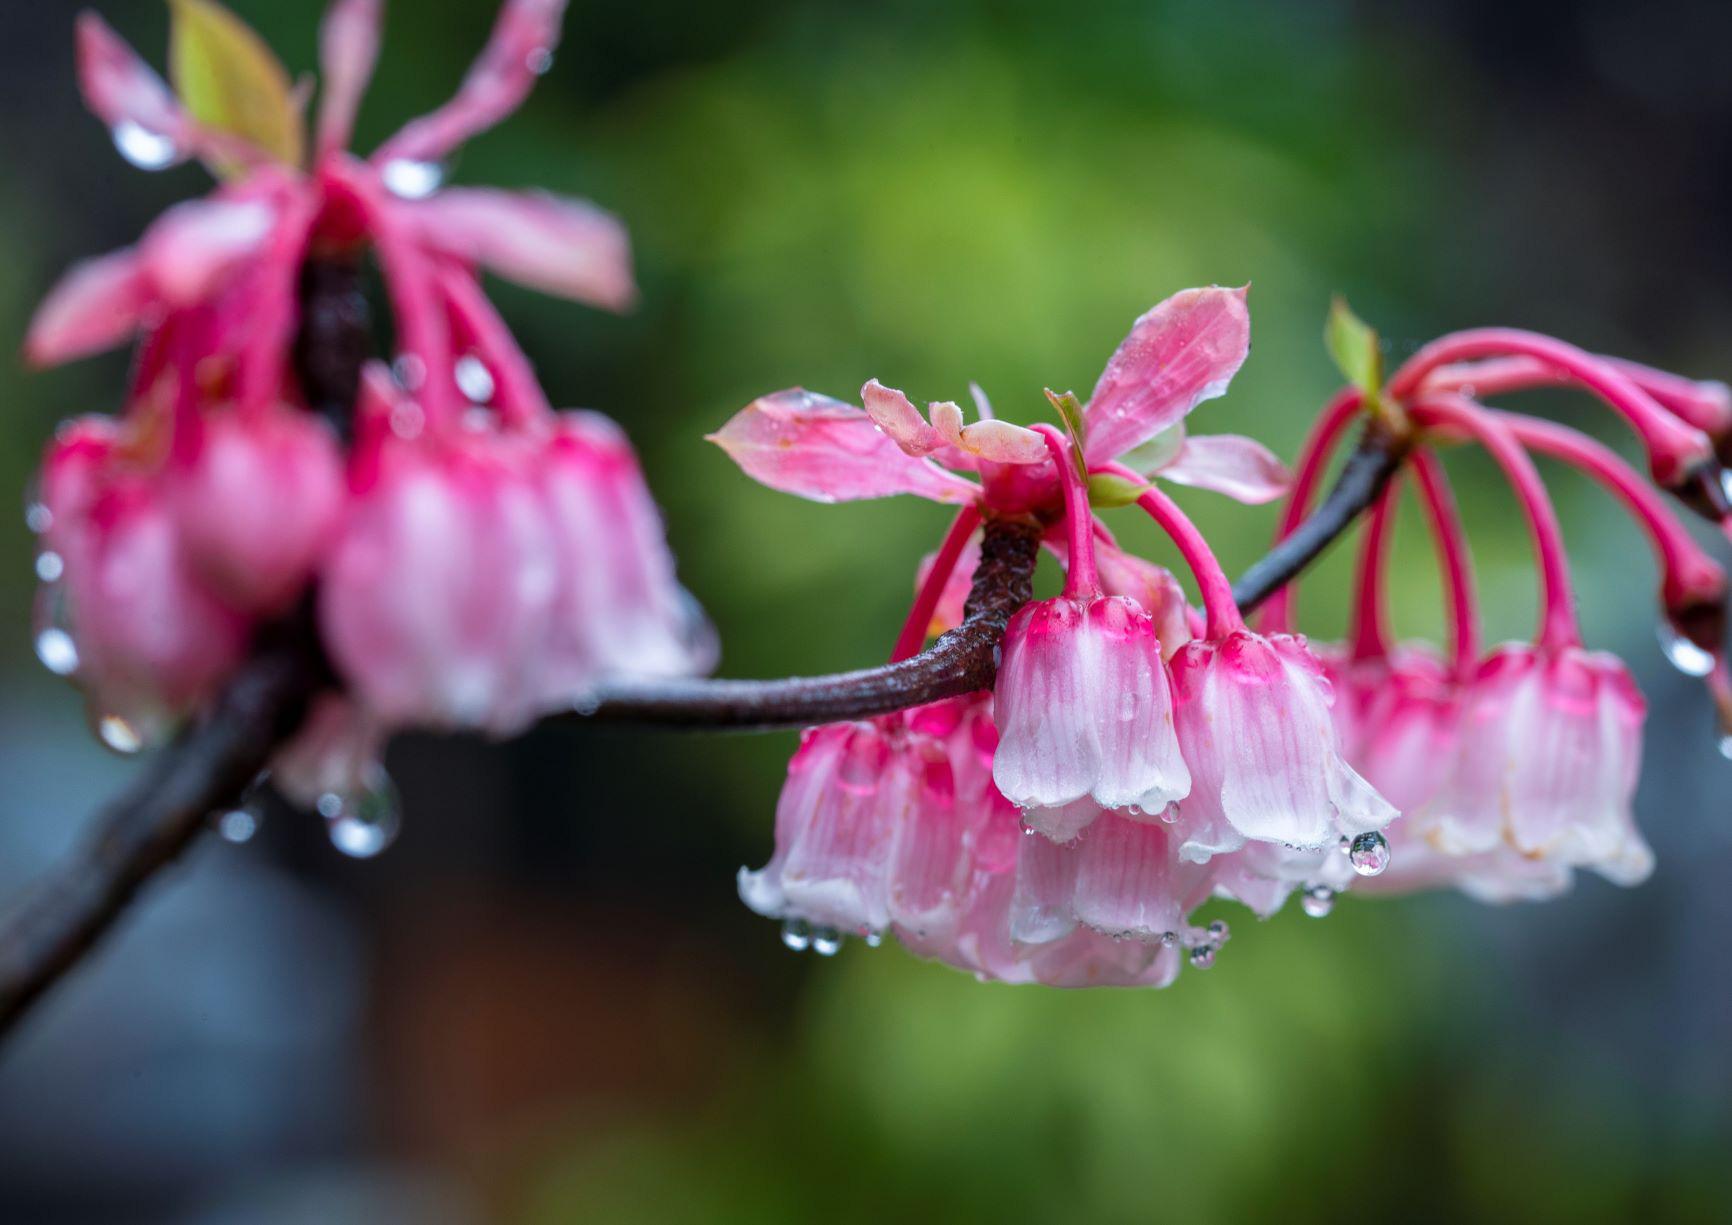 Chiêm ngưỡng hoa đào chuông độc đáo trên đỉnh Bà Nà - Ảnh 1.